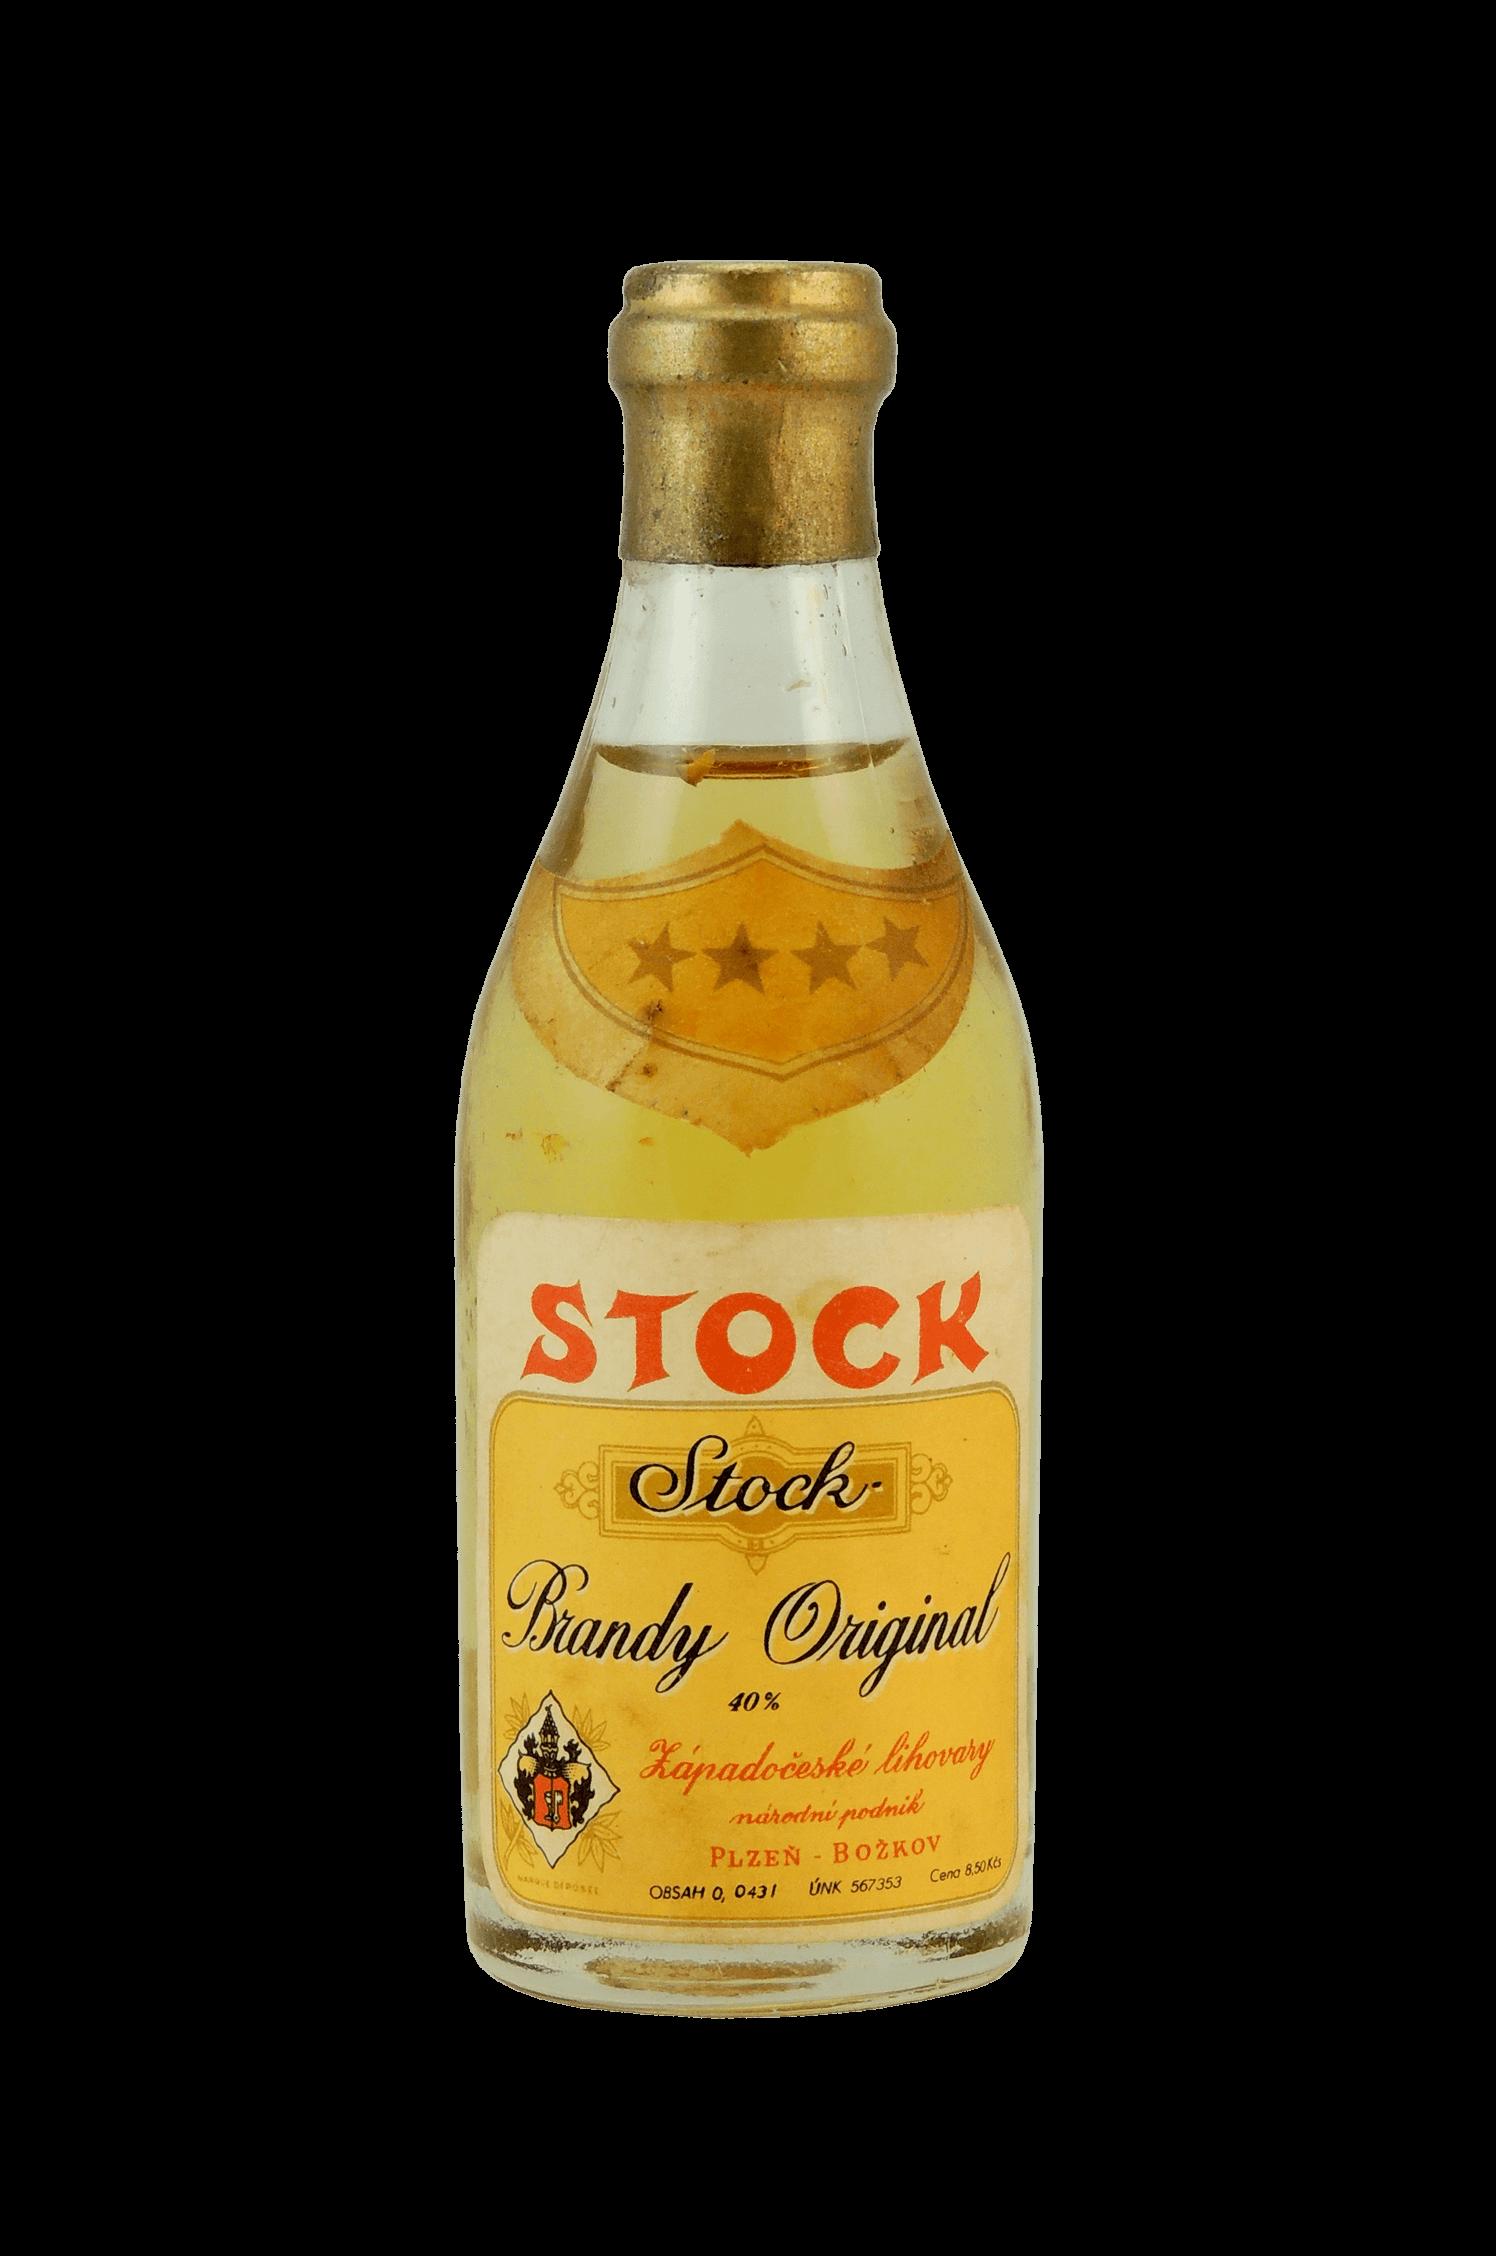 Stock Brandy Originál